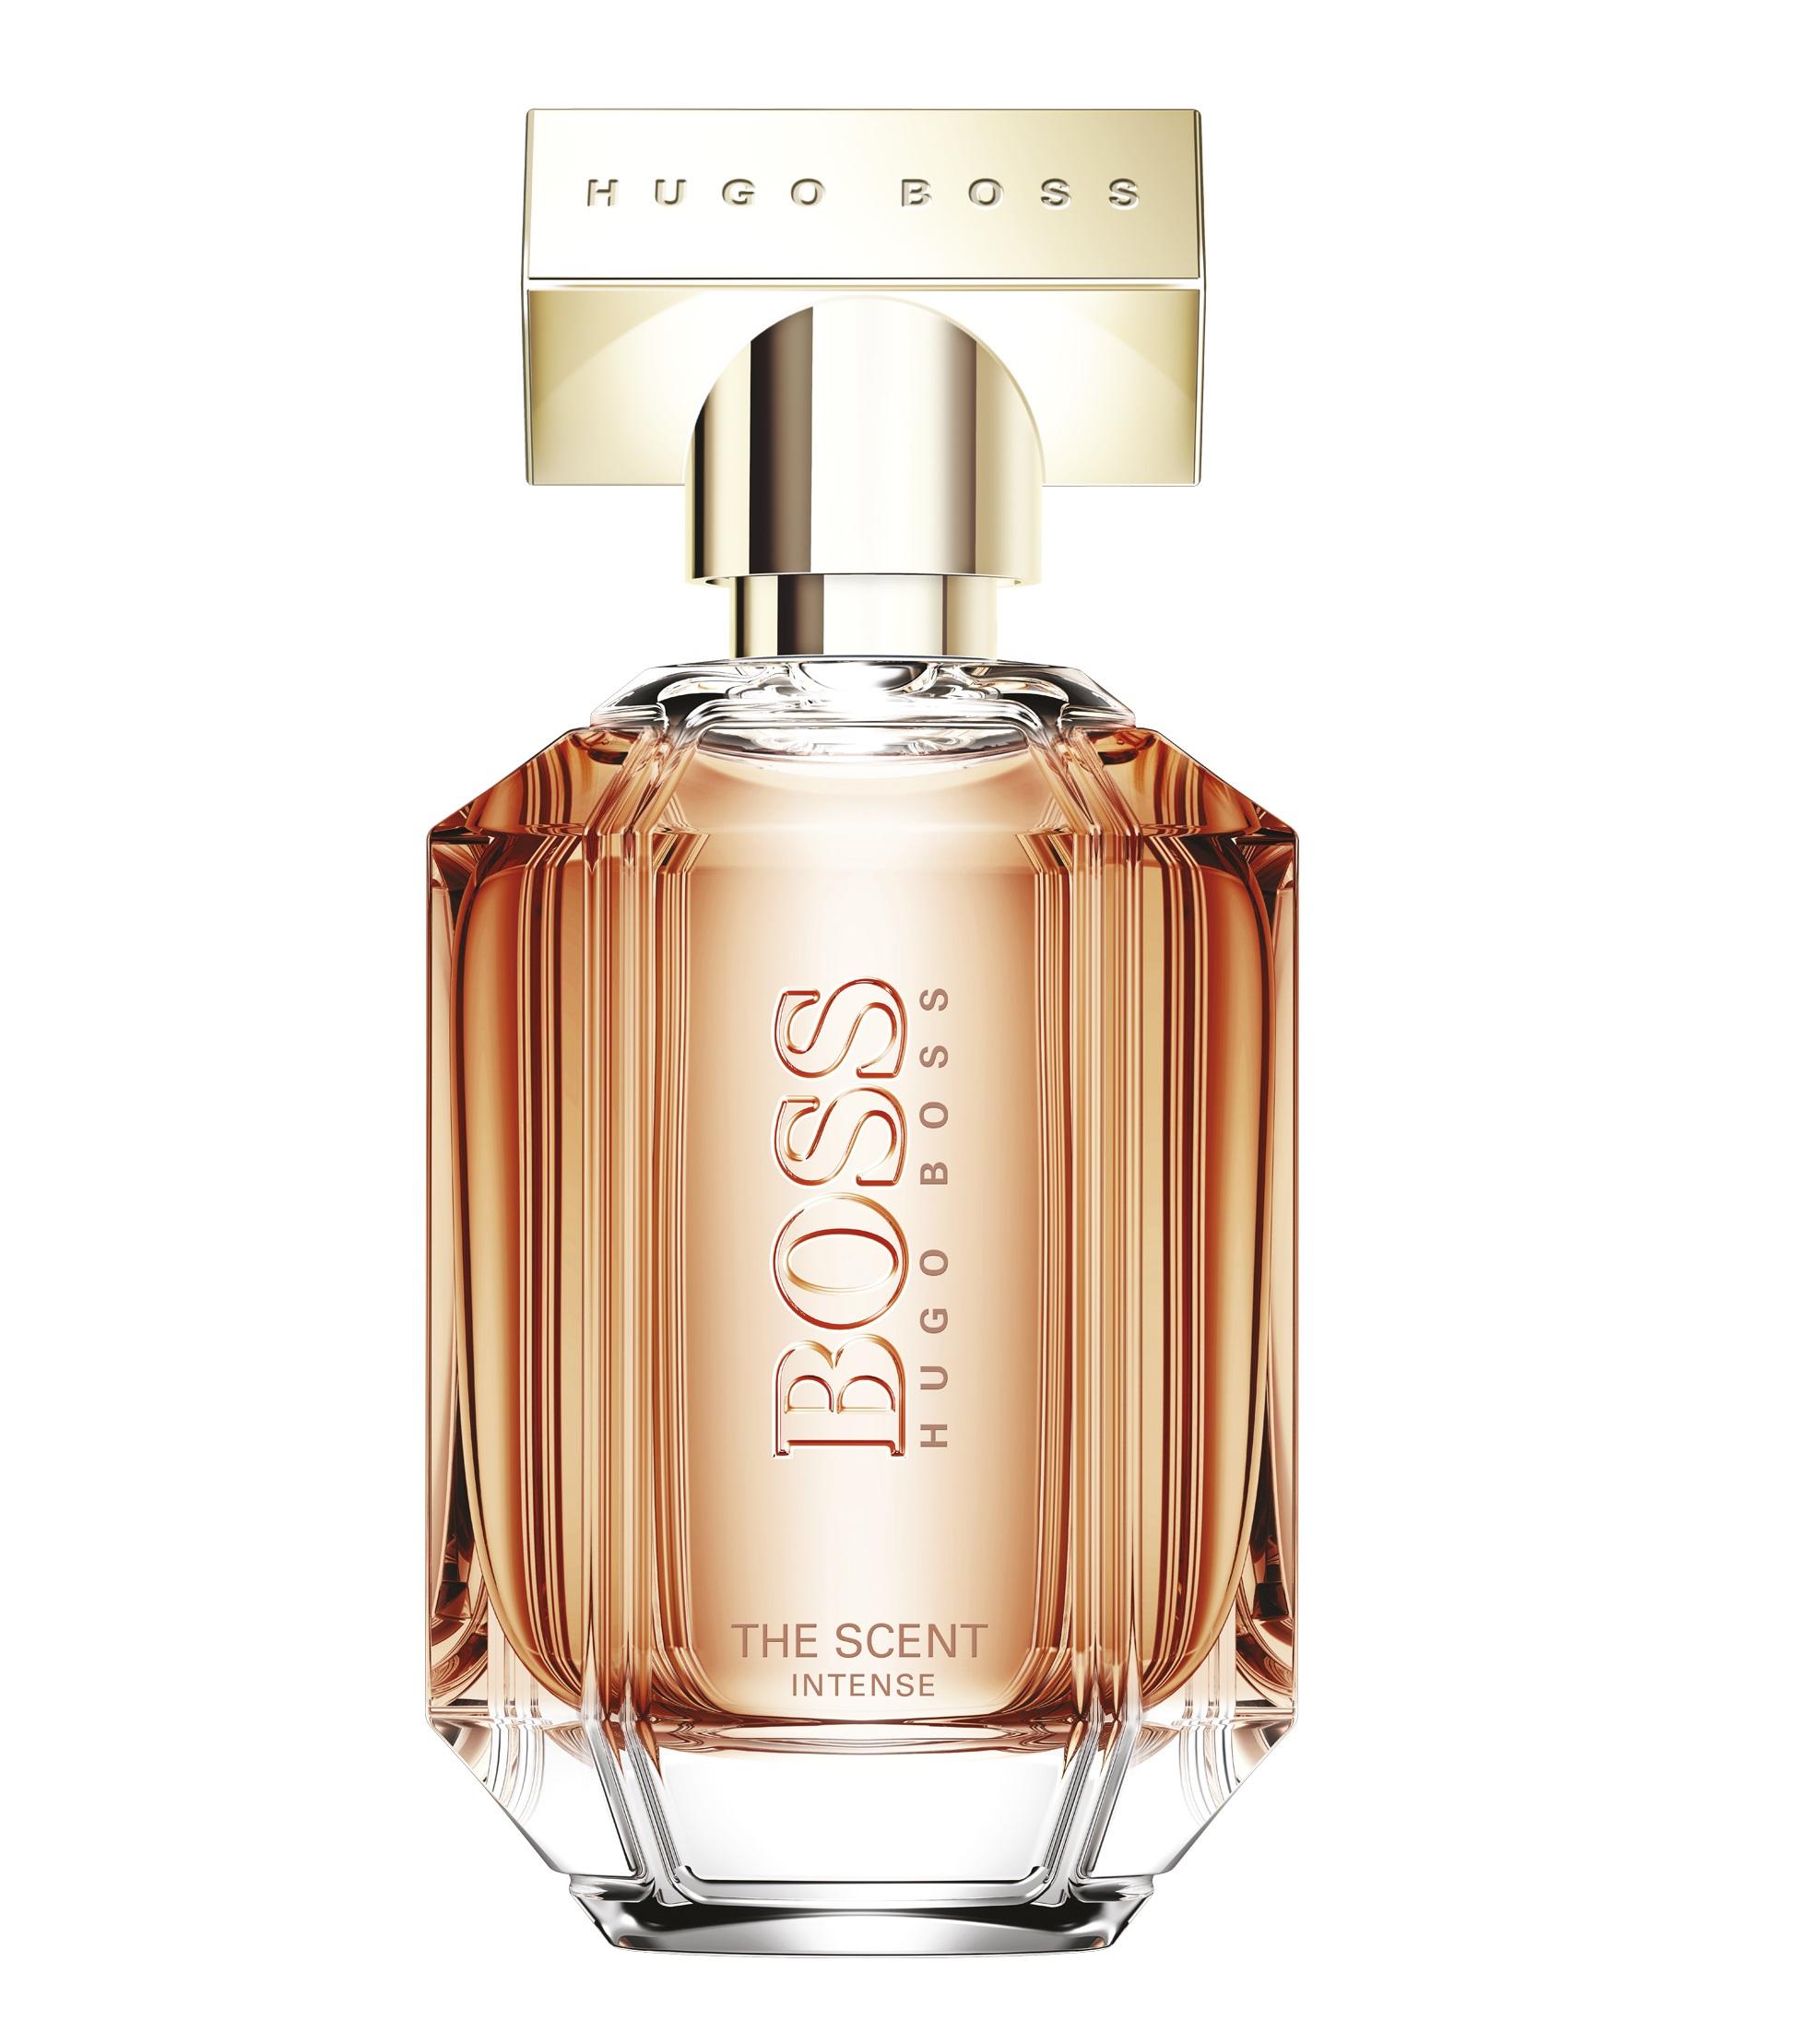 Hugo Boss Boss The Scent For Her Intense  Eau de Parfum